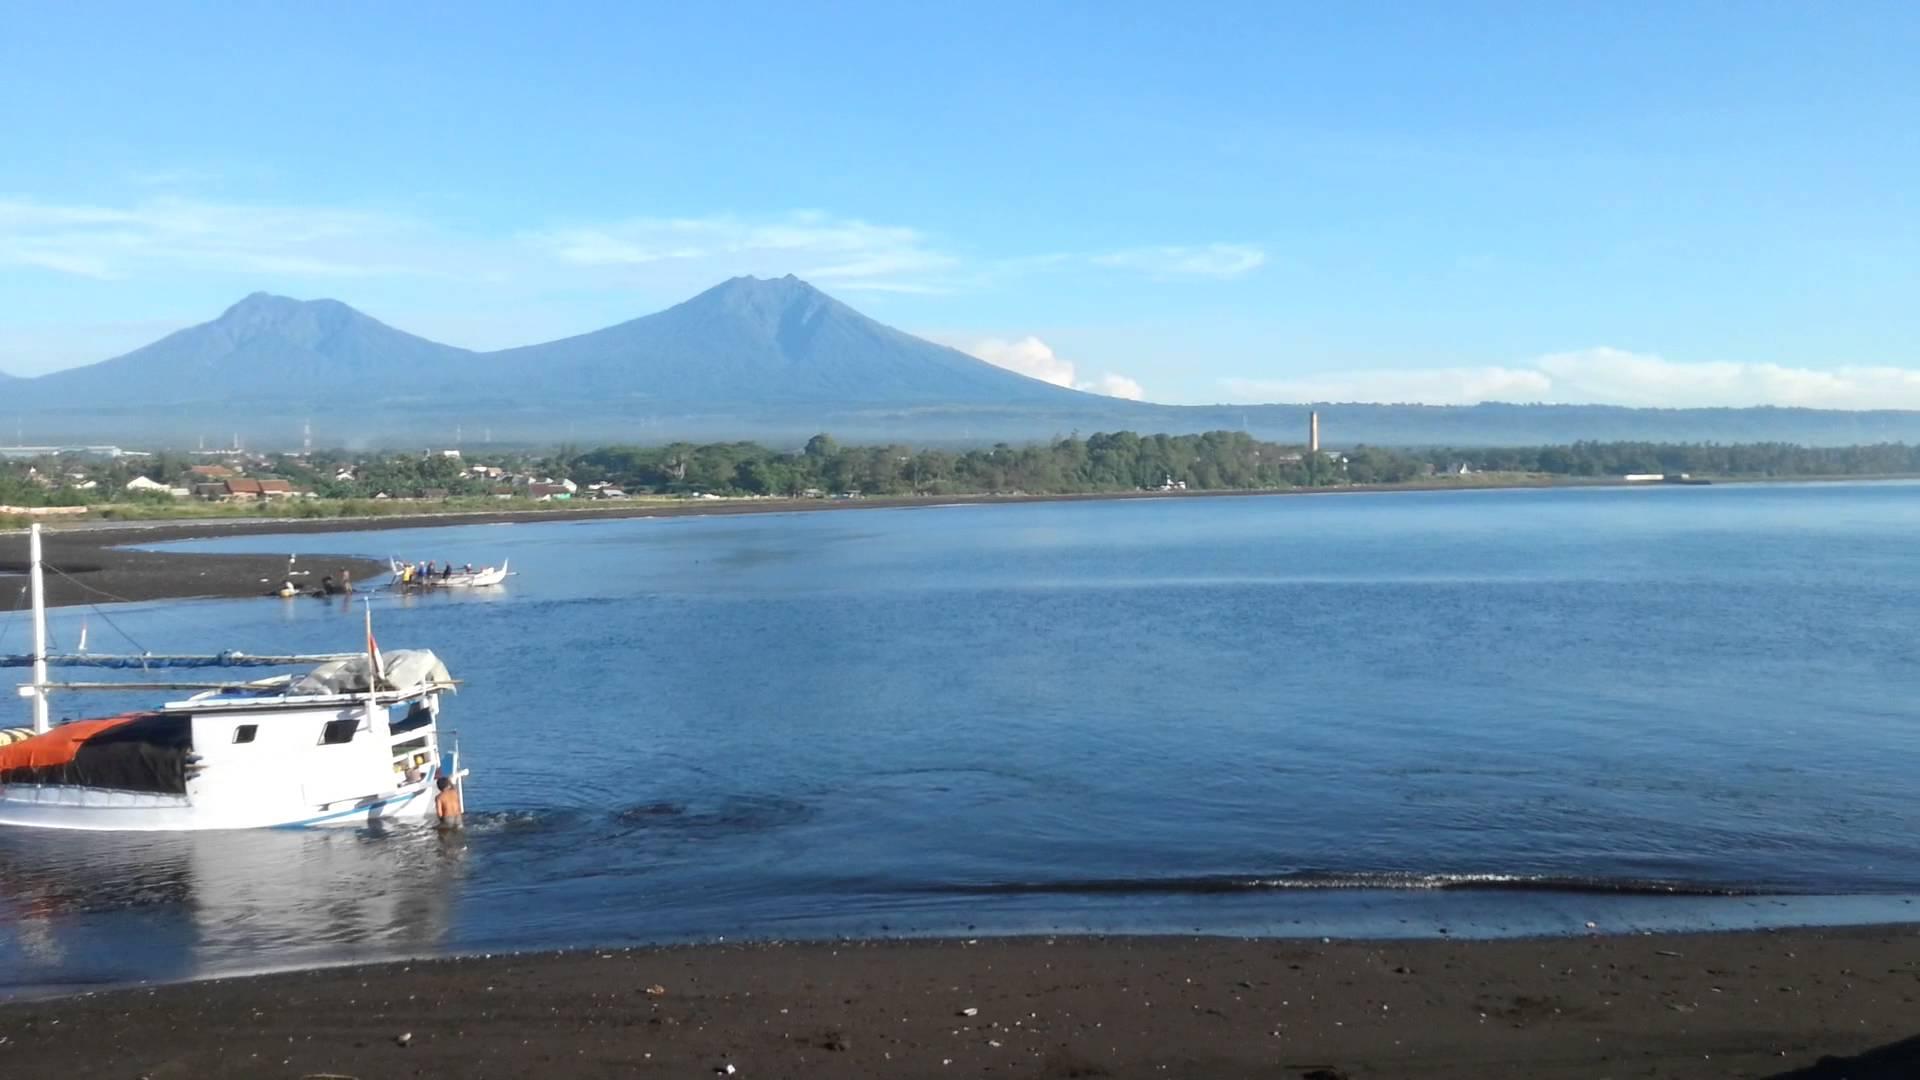 Pantai Boom Banyuwangi Wisata Indah Jawa Timur Tanya Keindahan Kab